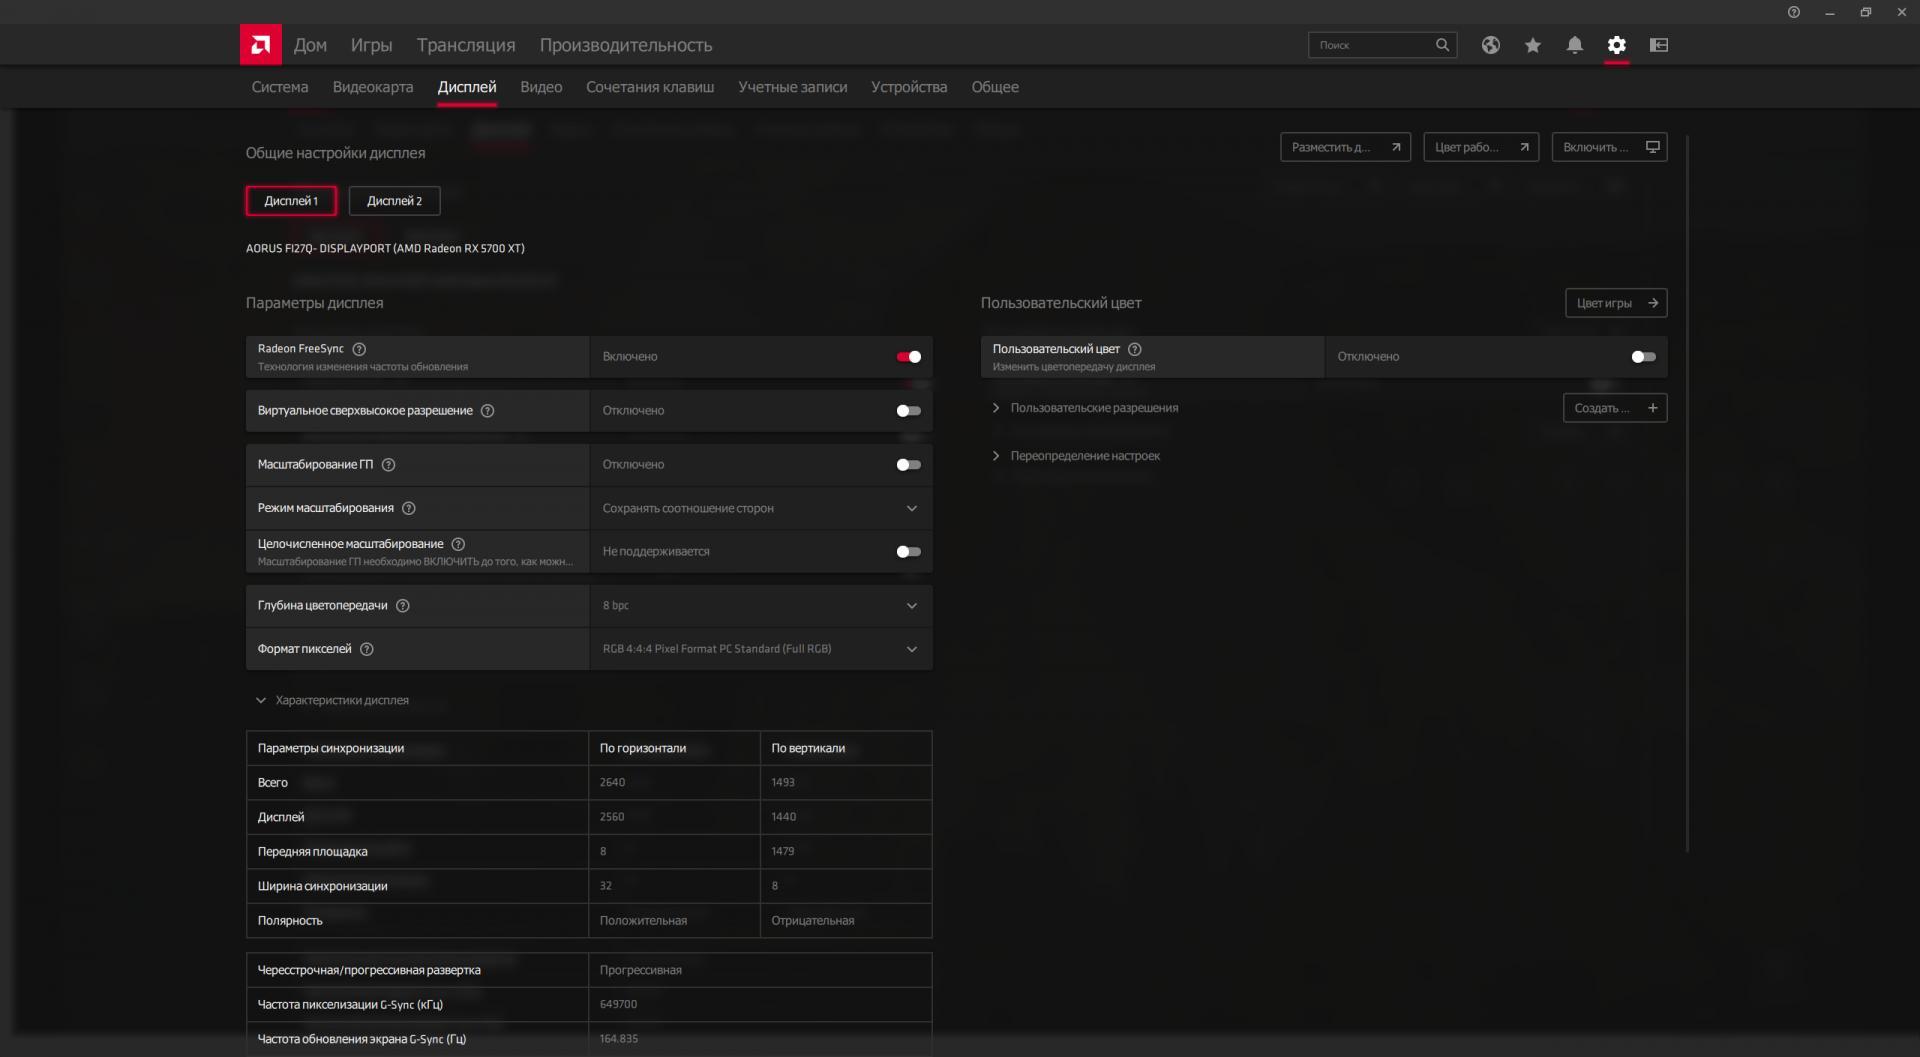 Обзор геймерскогомонитора Aorus FI27Q